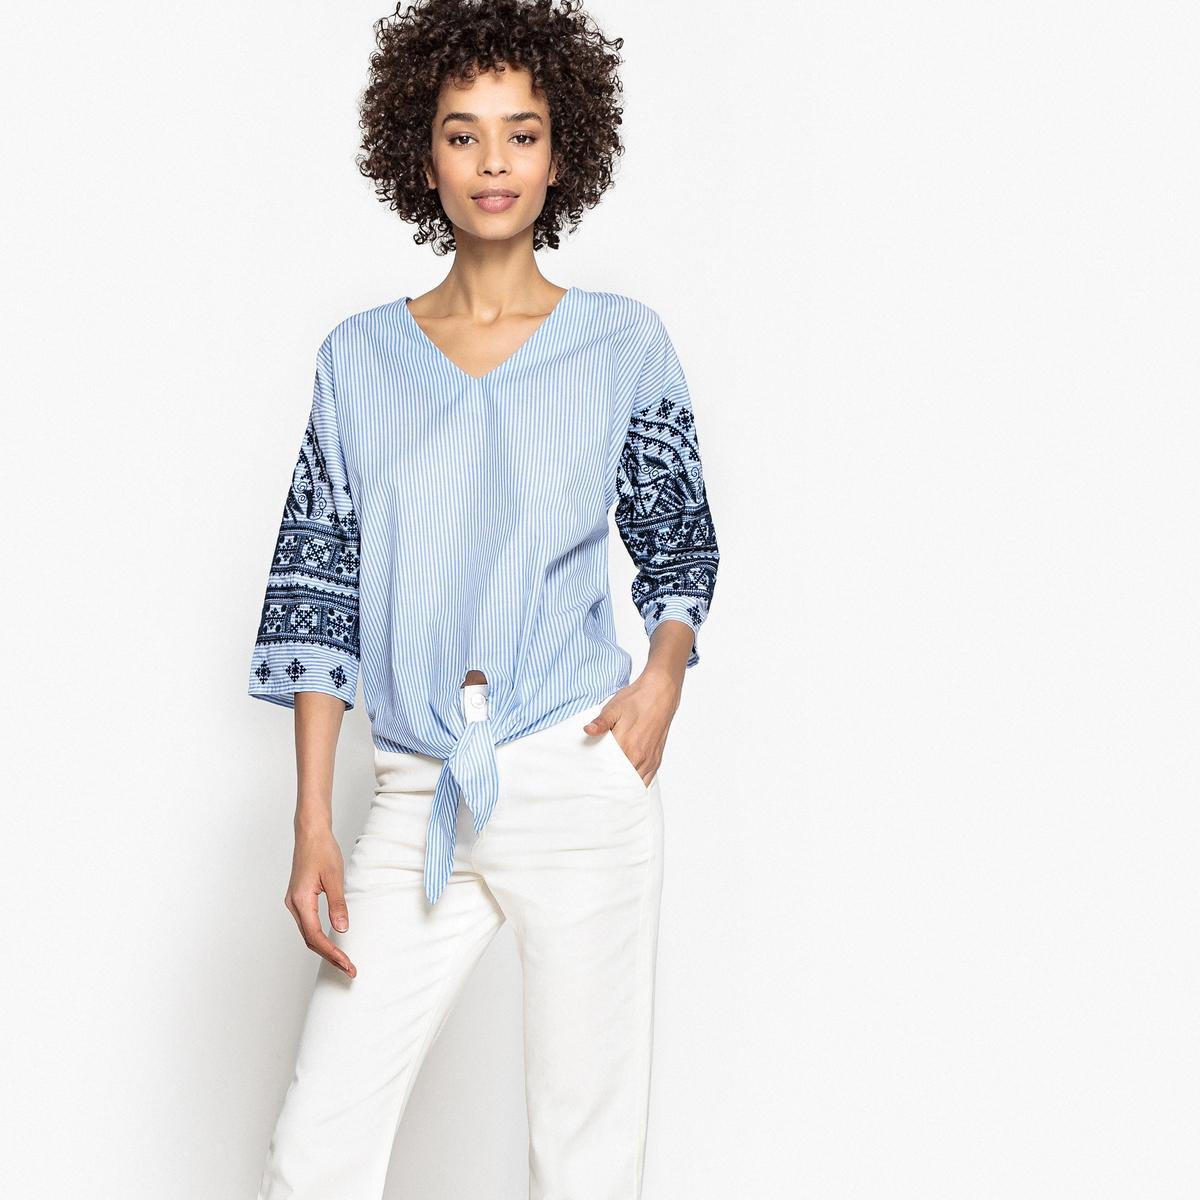 Блузка с V-образным вырезом, завязками спереди и рукавами с принтом блузка с принтом